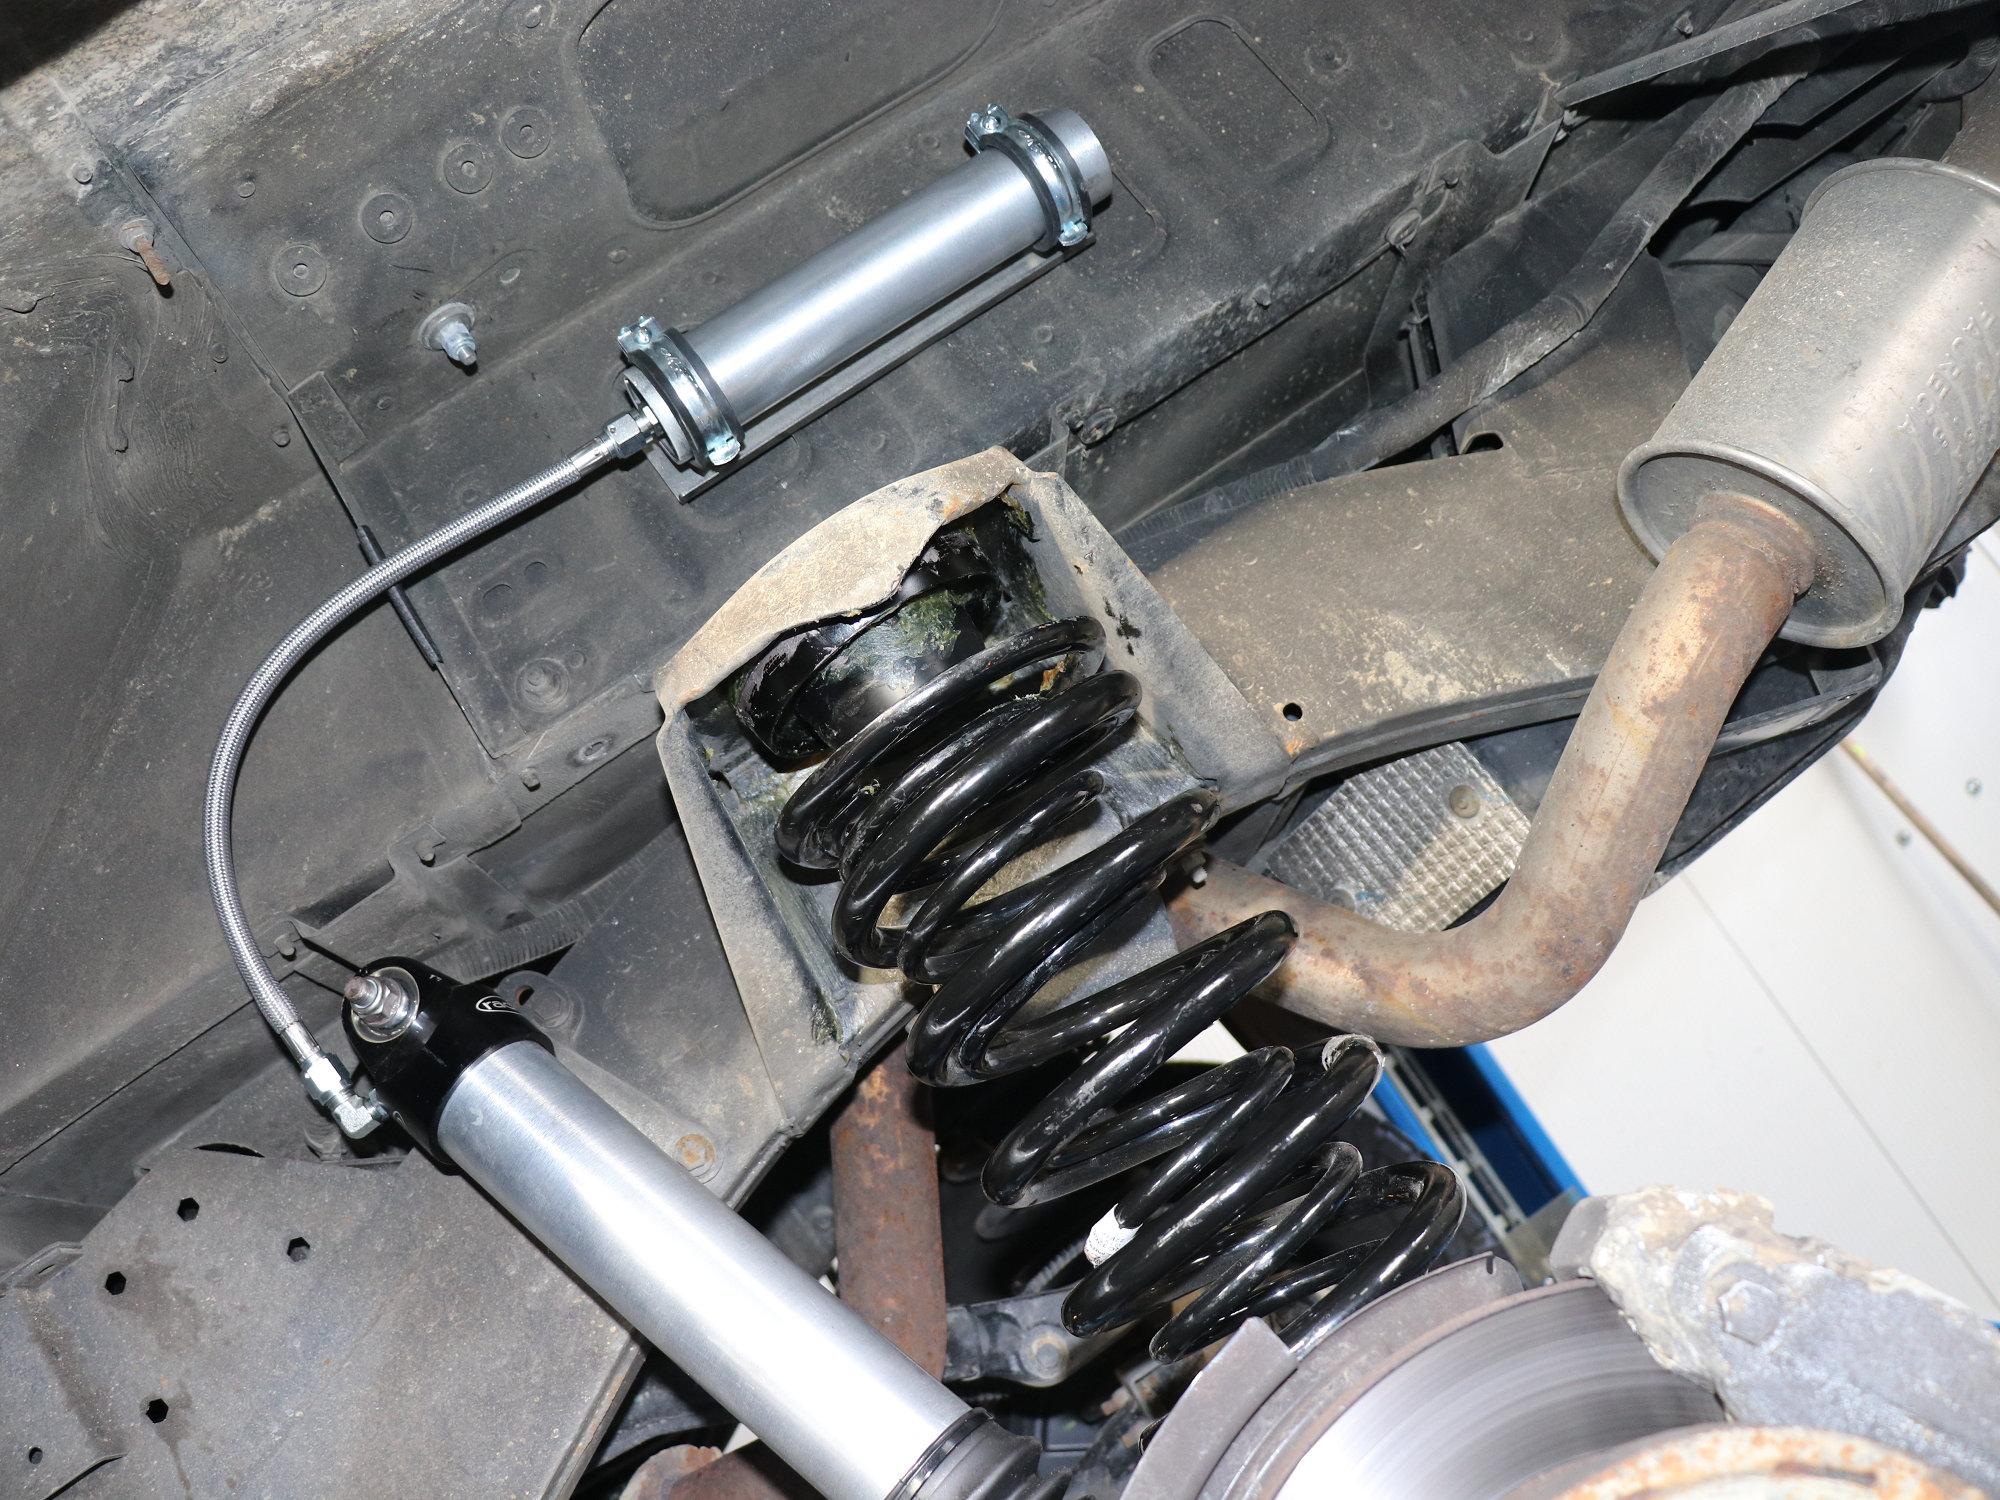 Land Rover / Radflo Fahrwerk mit Innenfedern an der Hinterachse und Federzentrierung